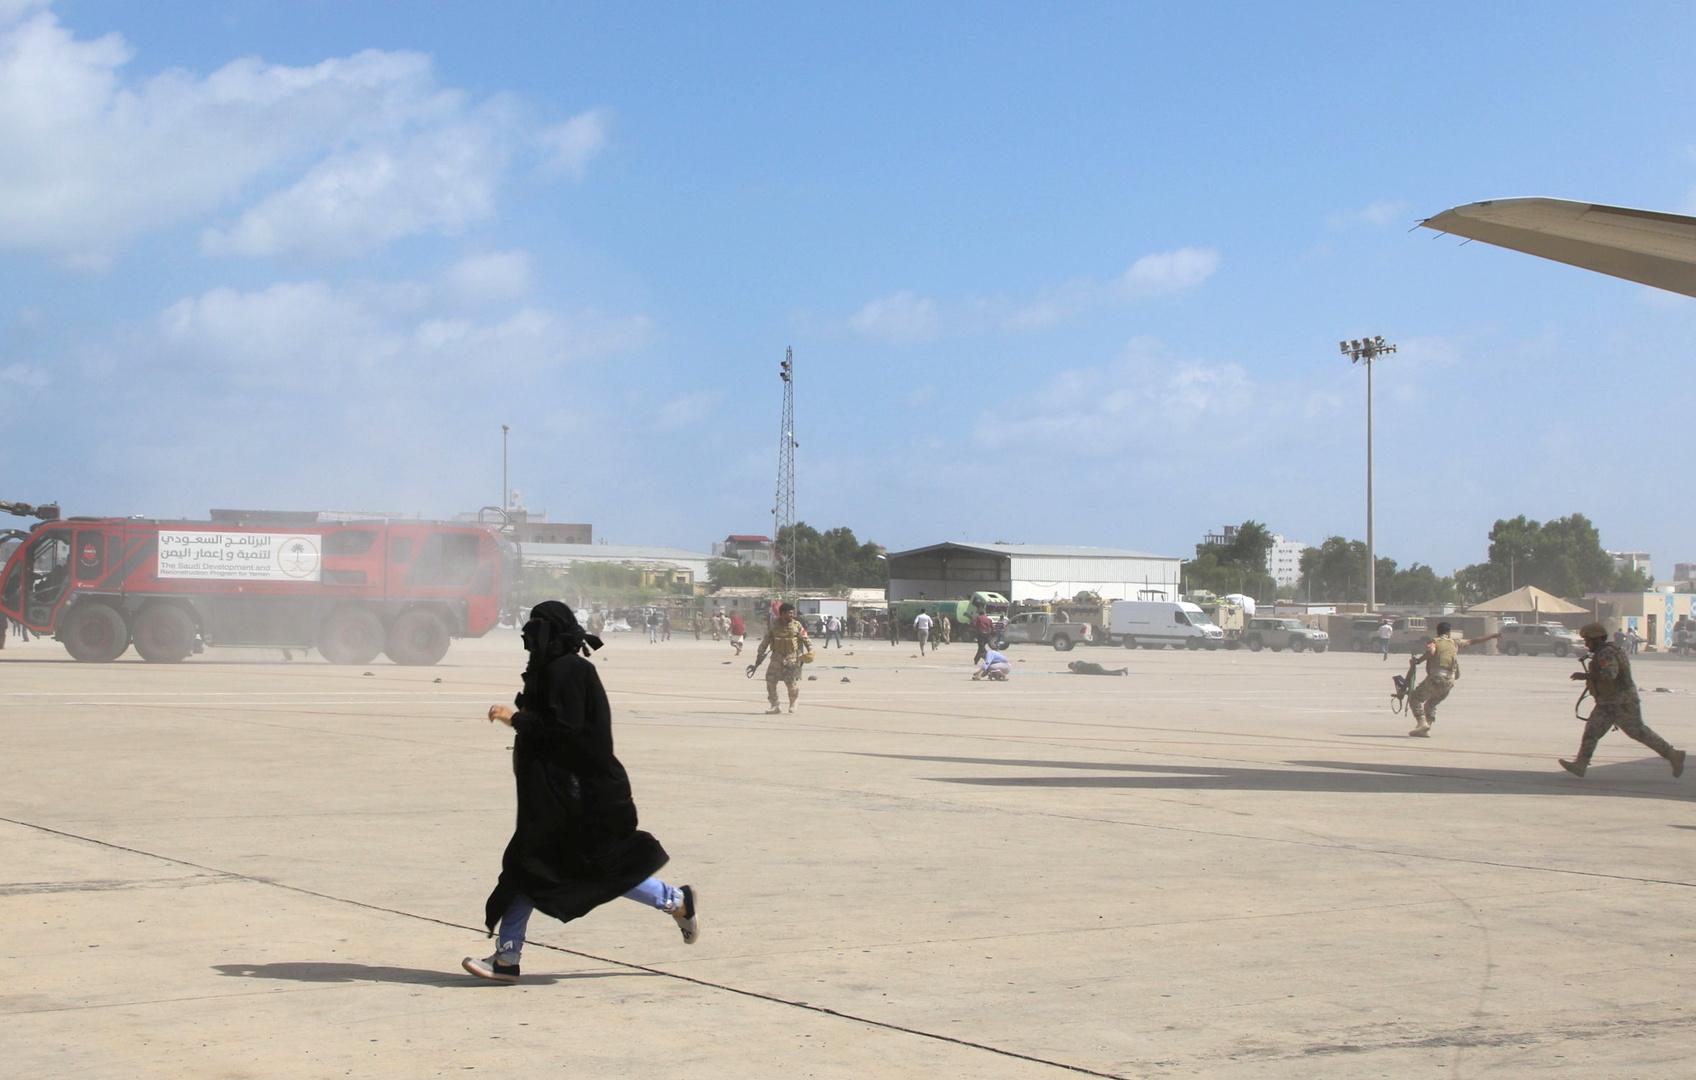 المجلس الانتقالي الجنوبي: من العجلة رمي التهمة على الحوثيين في هجوم مطار عدن